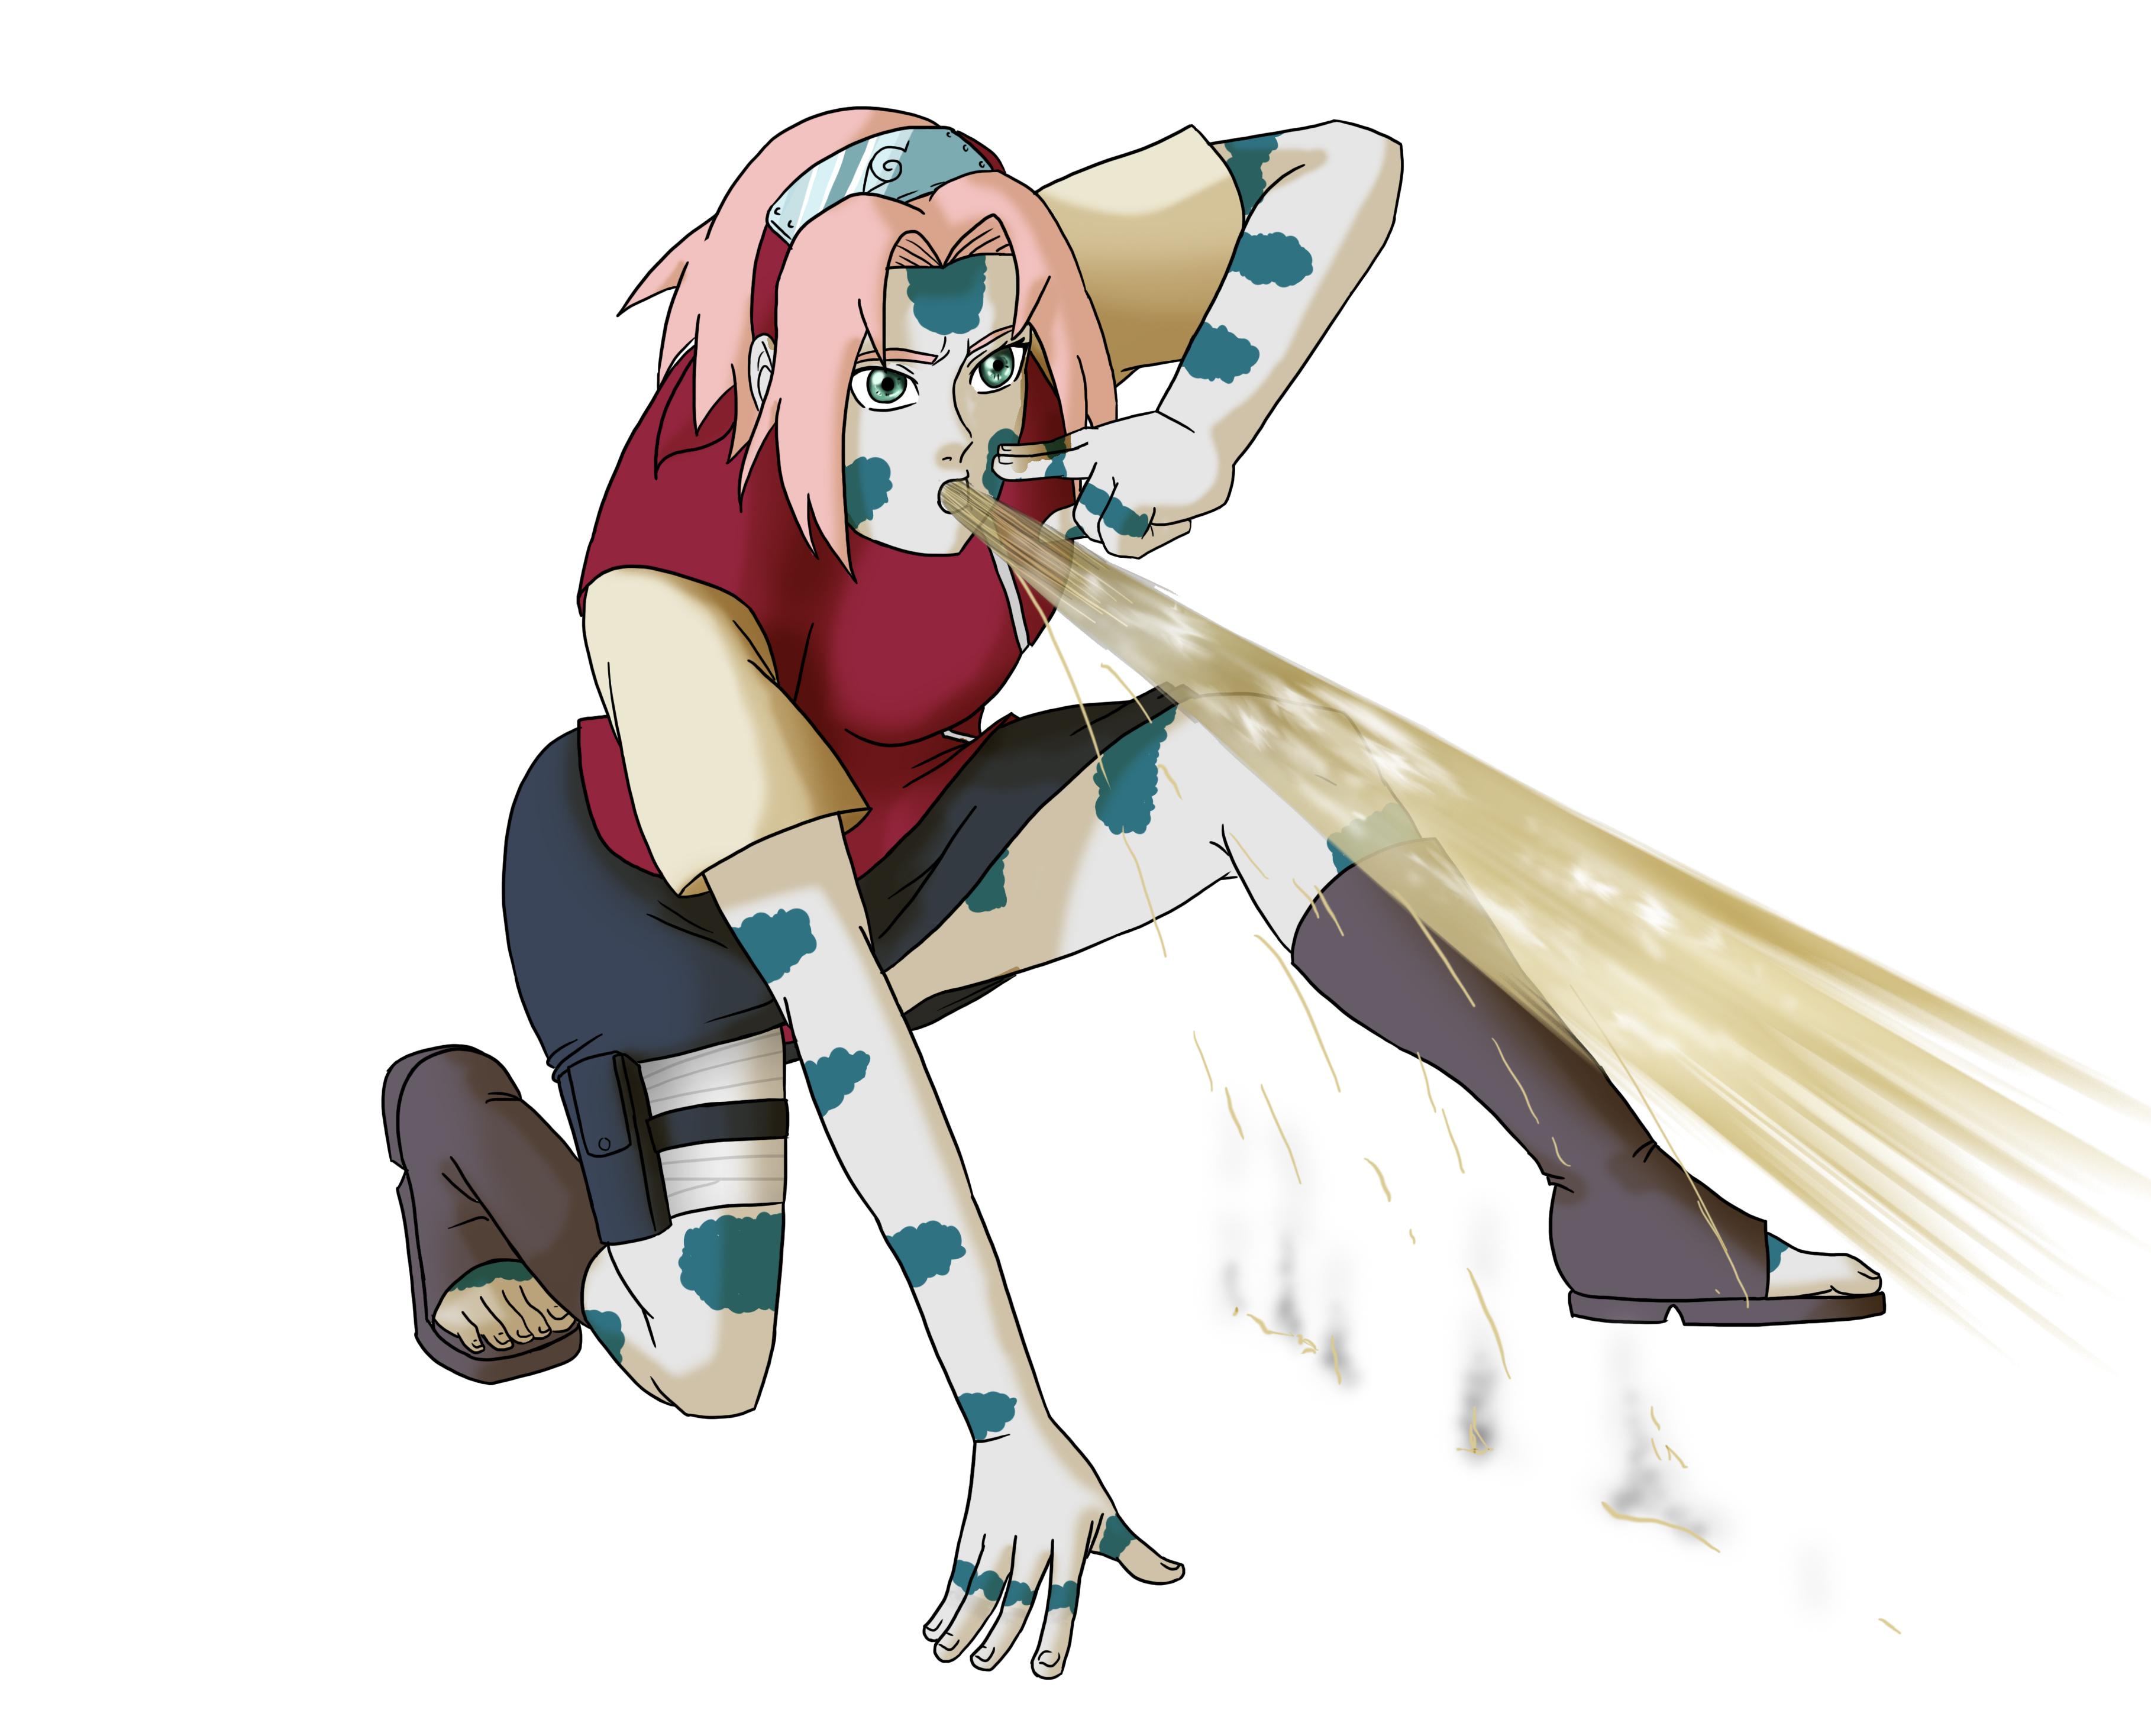 Sakura Jutsu: Slug Fusion Jutsu by mattwilson83 on DeviantArt